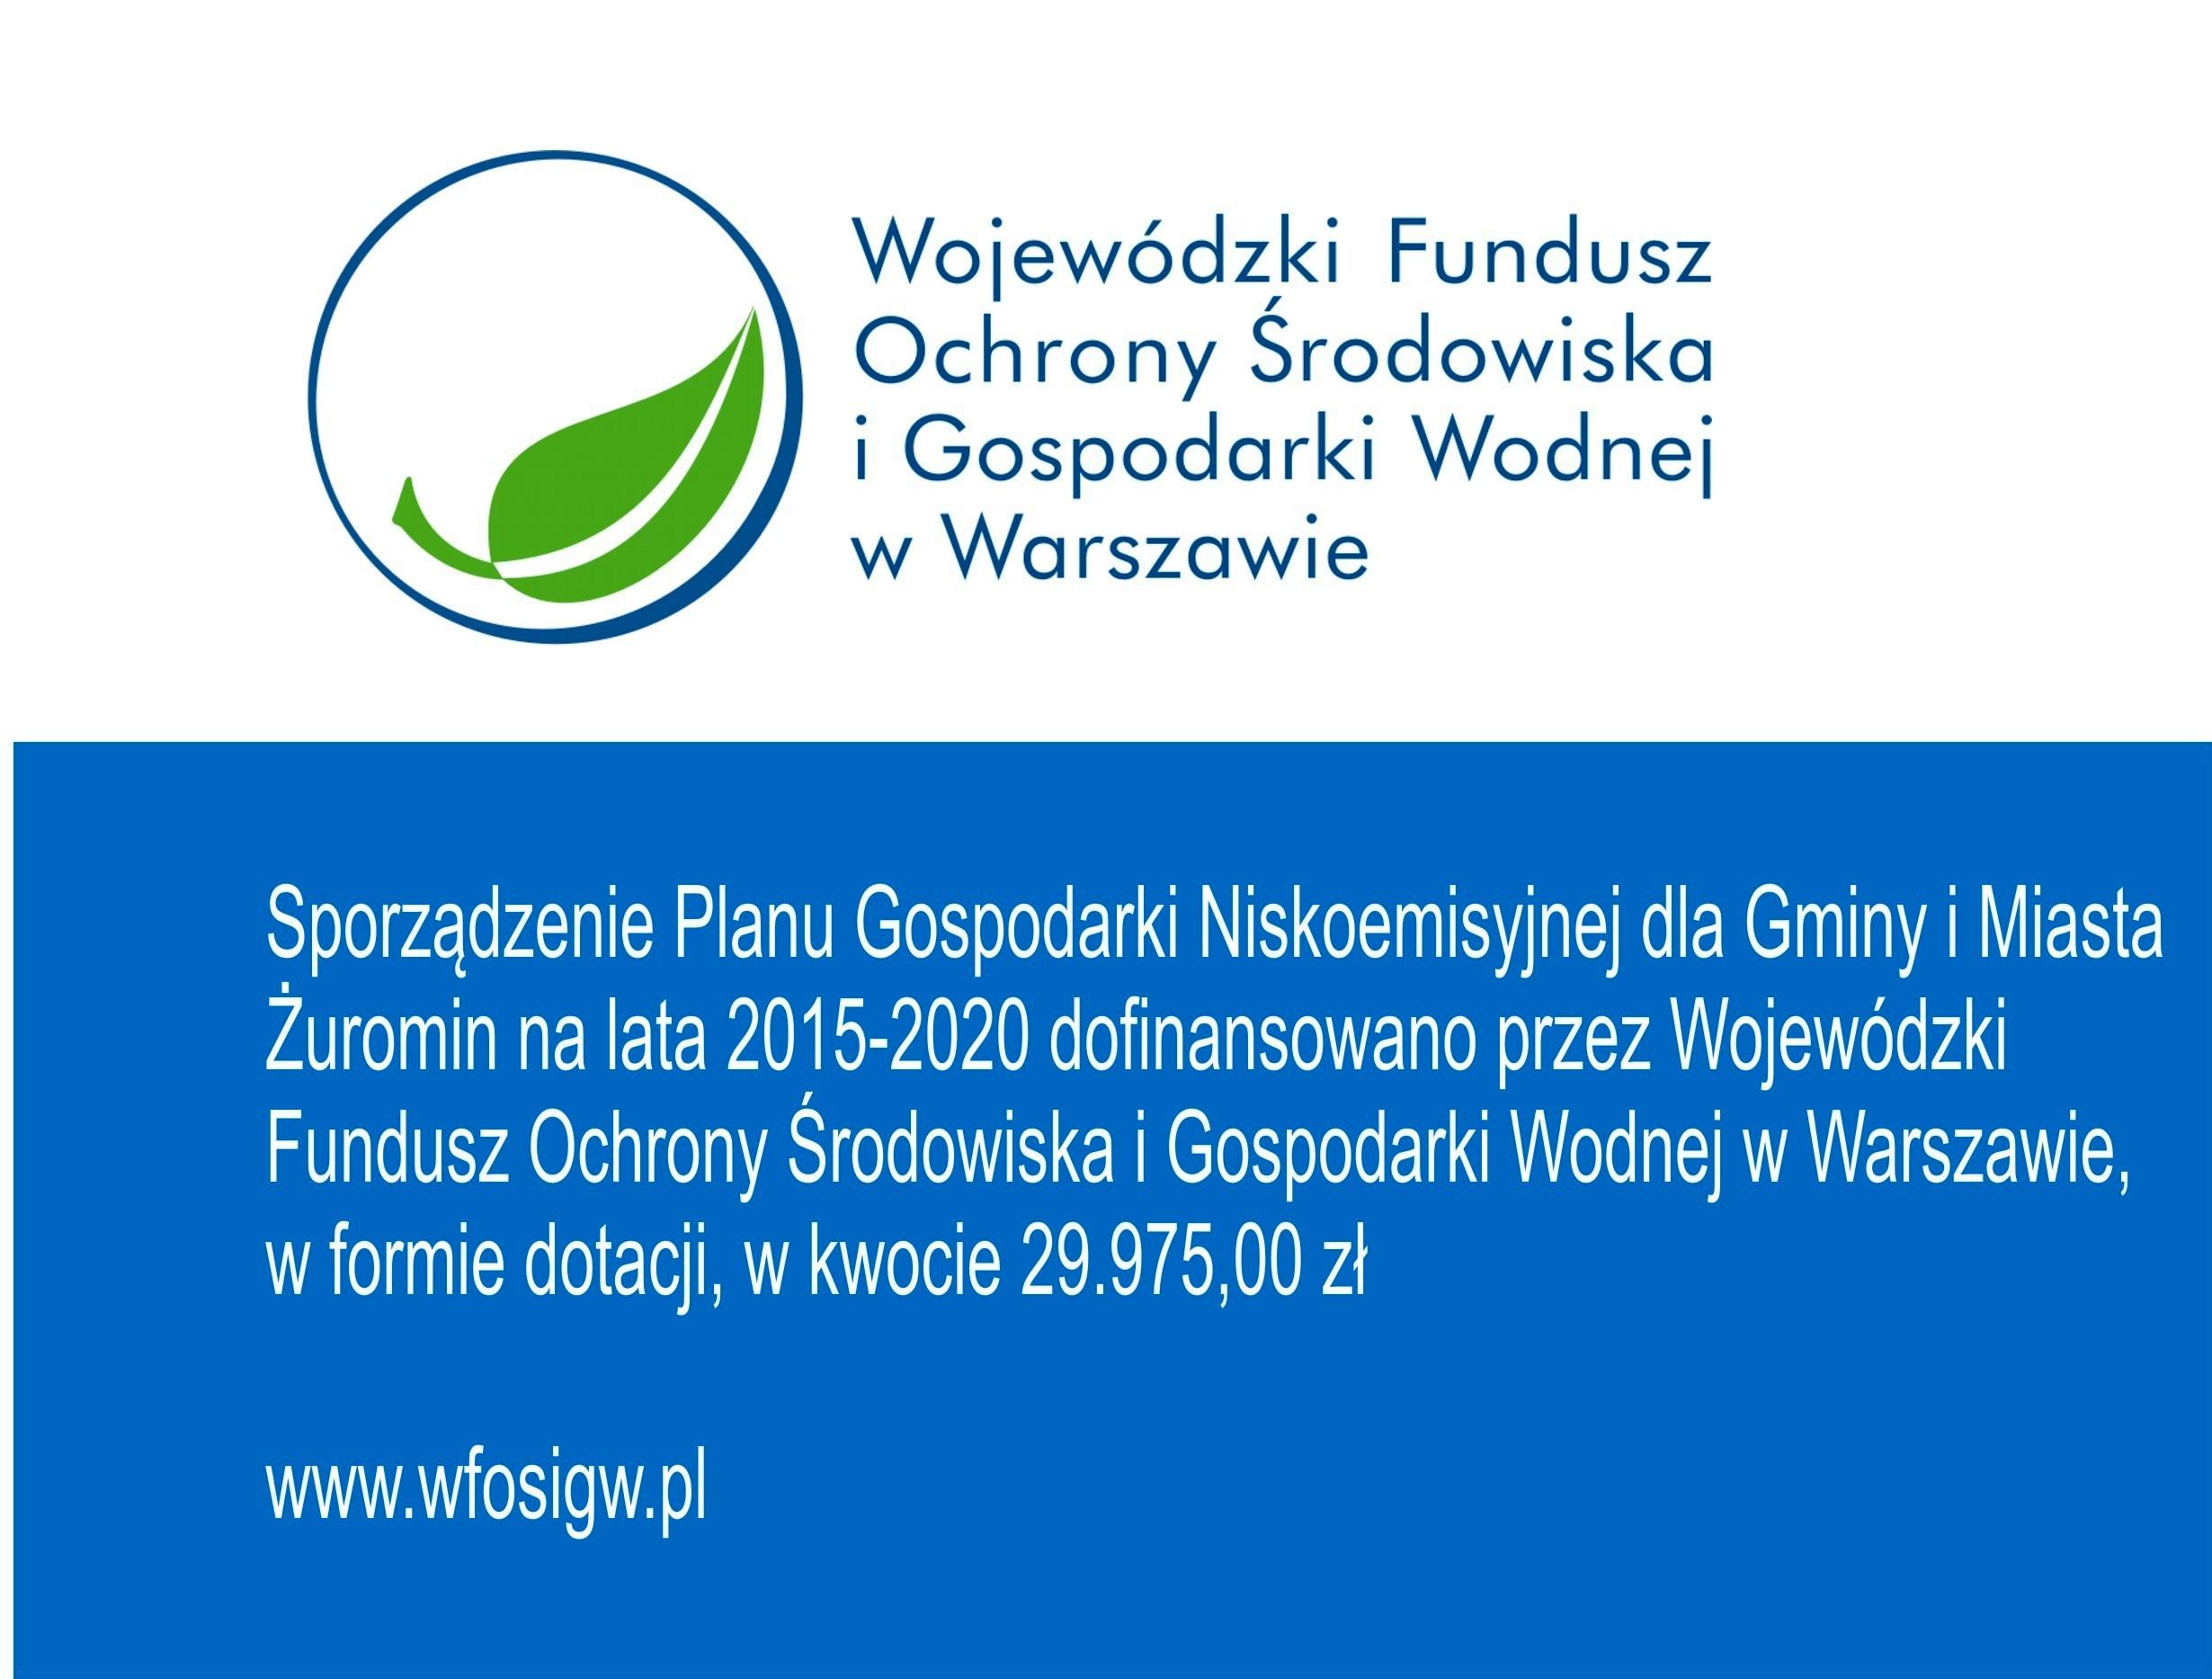 WFOŚiGW dofinansował sporządzenie Planu Gospodarki Niskoemisyjnej dla Gminy i Miasta Żuromin na lata 2015-2020